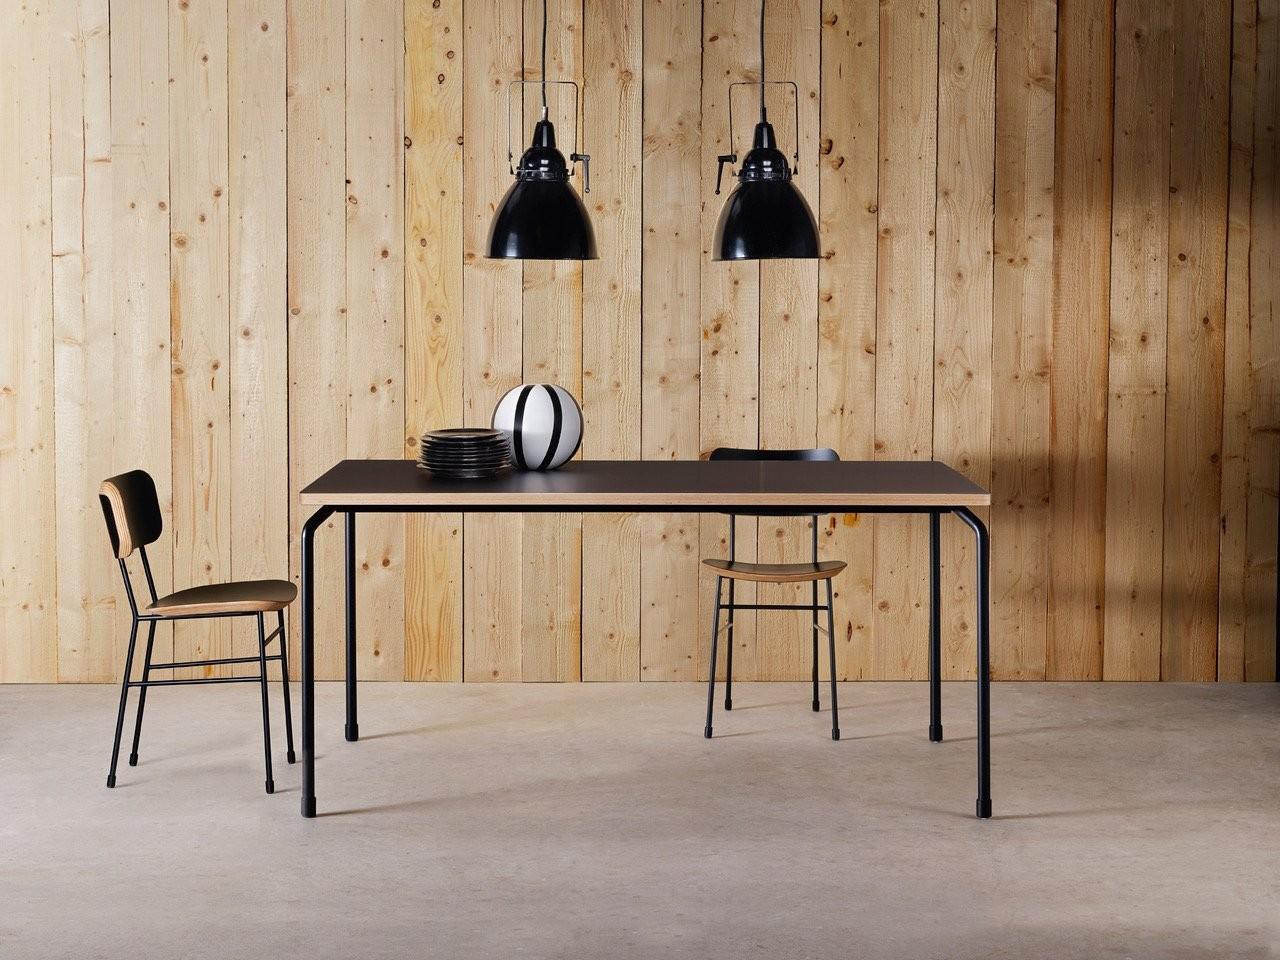 Full Size of Gartentisch Bauhaus Stil Design Tisch Jenversode Fenster Wohnzimmer Gartentisch Bauhaus